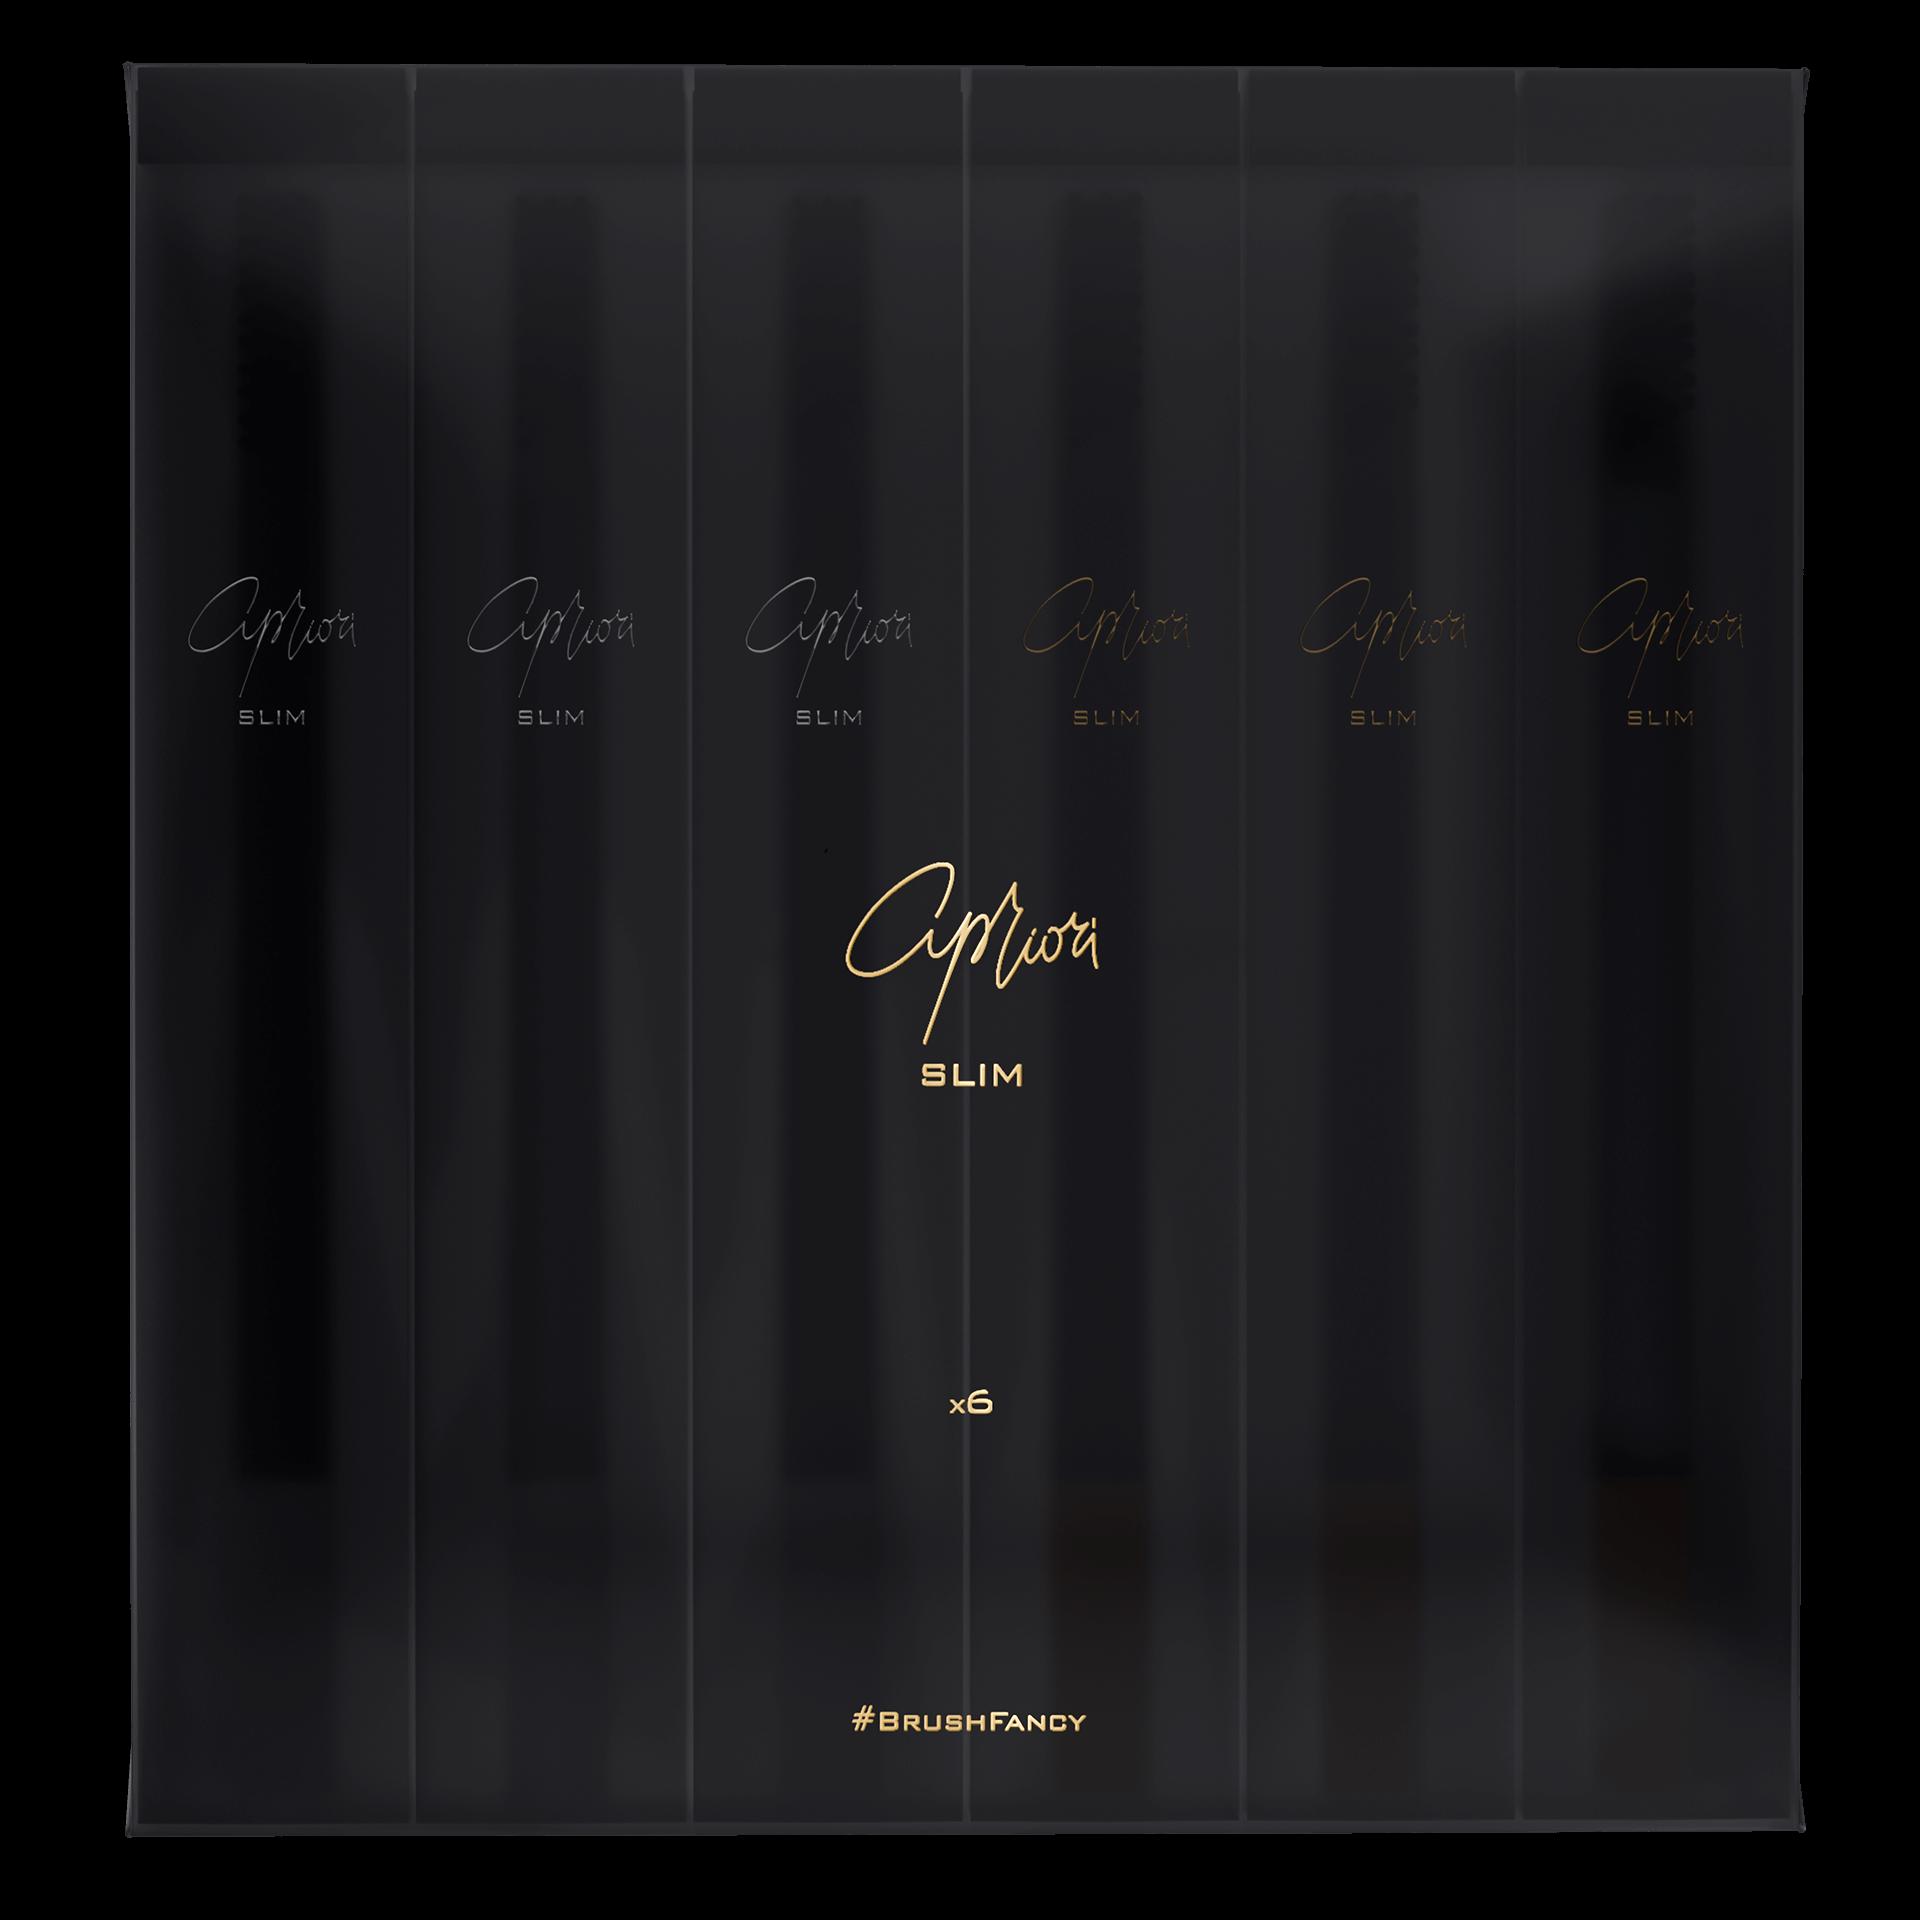 Набор дизайнерских зубных щёток SLIM by Apriori чёрных с золотом и серебром